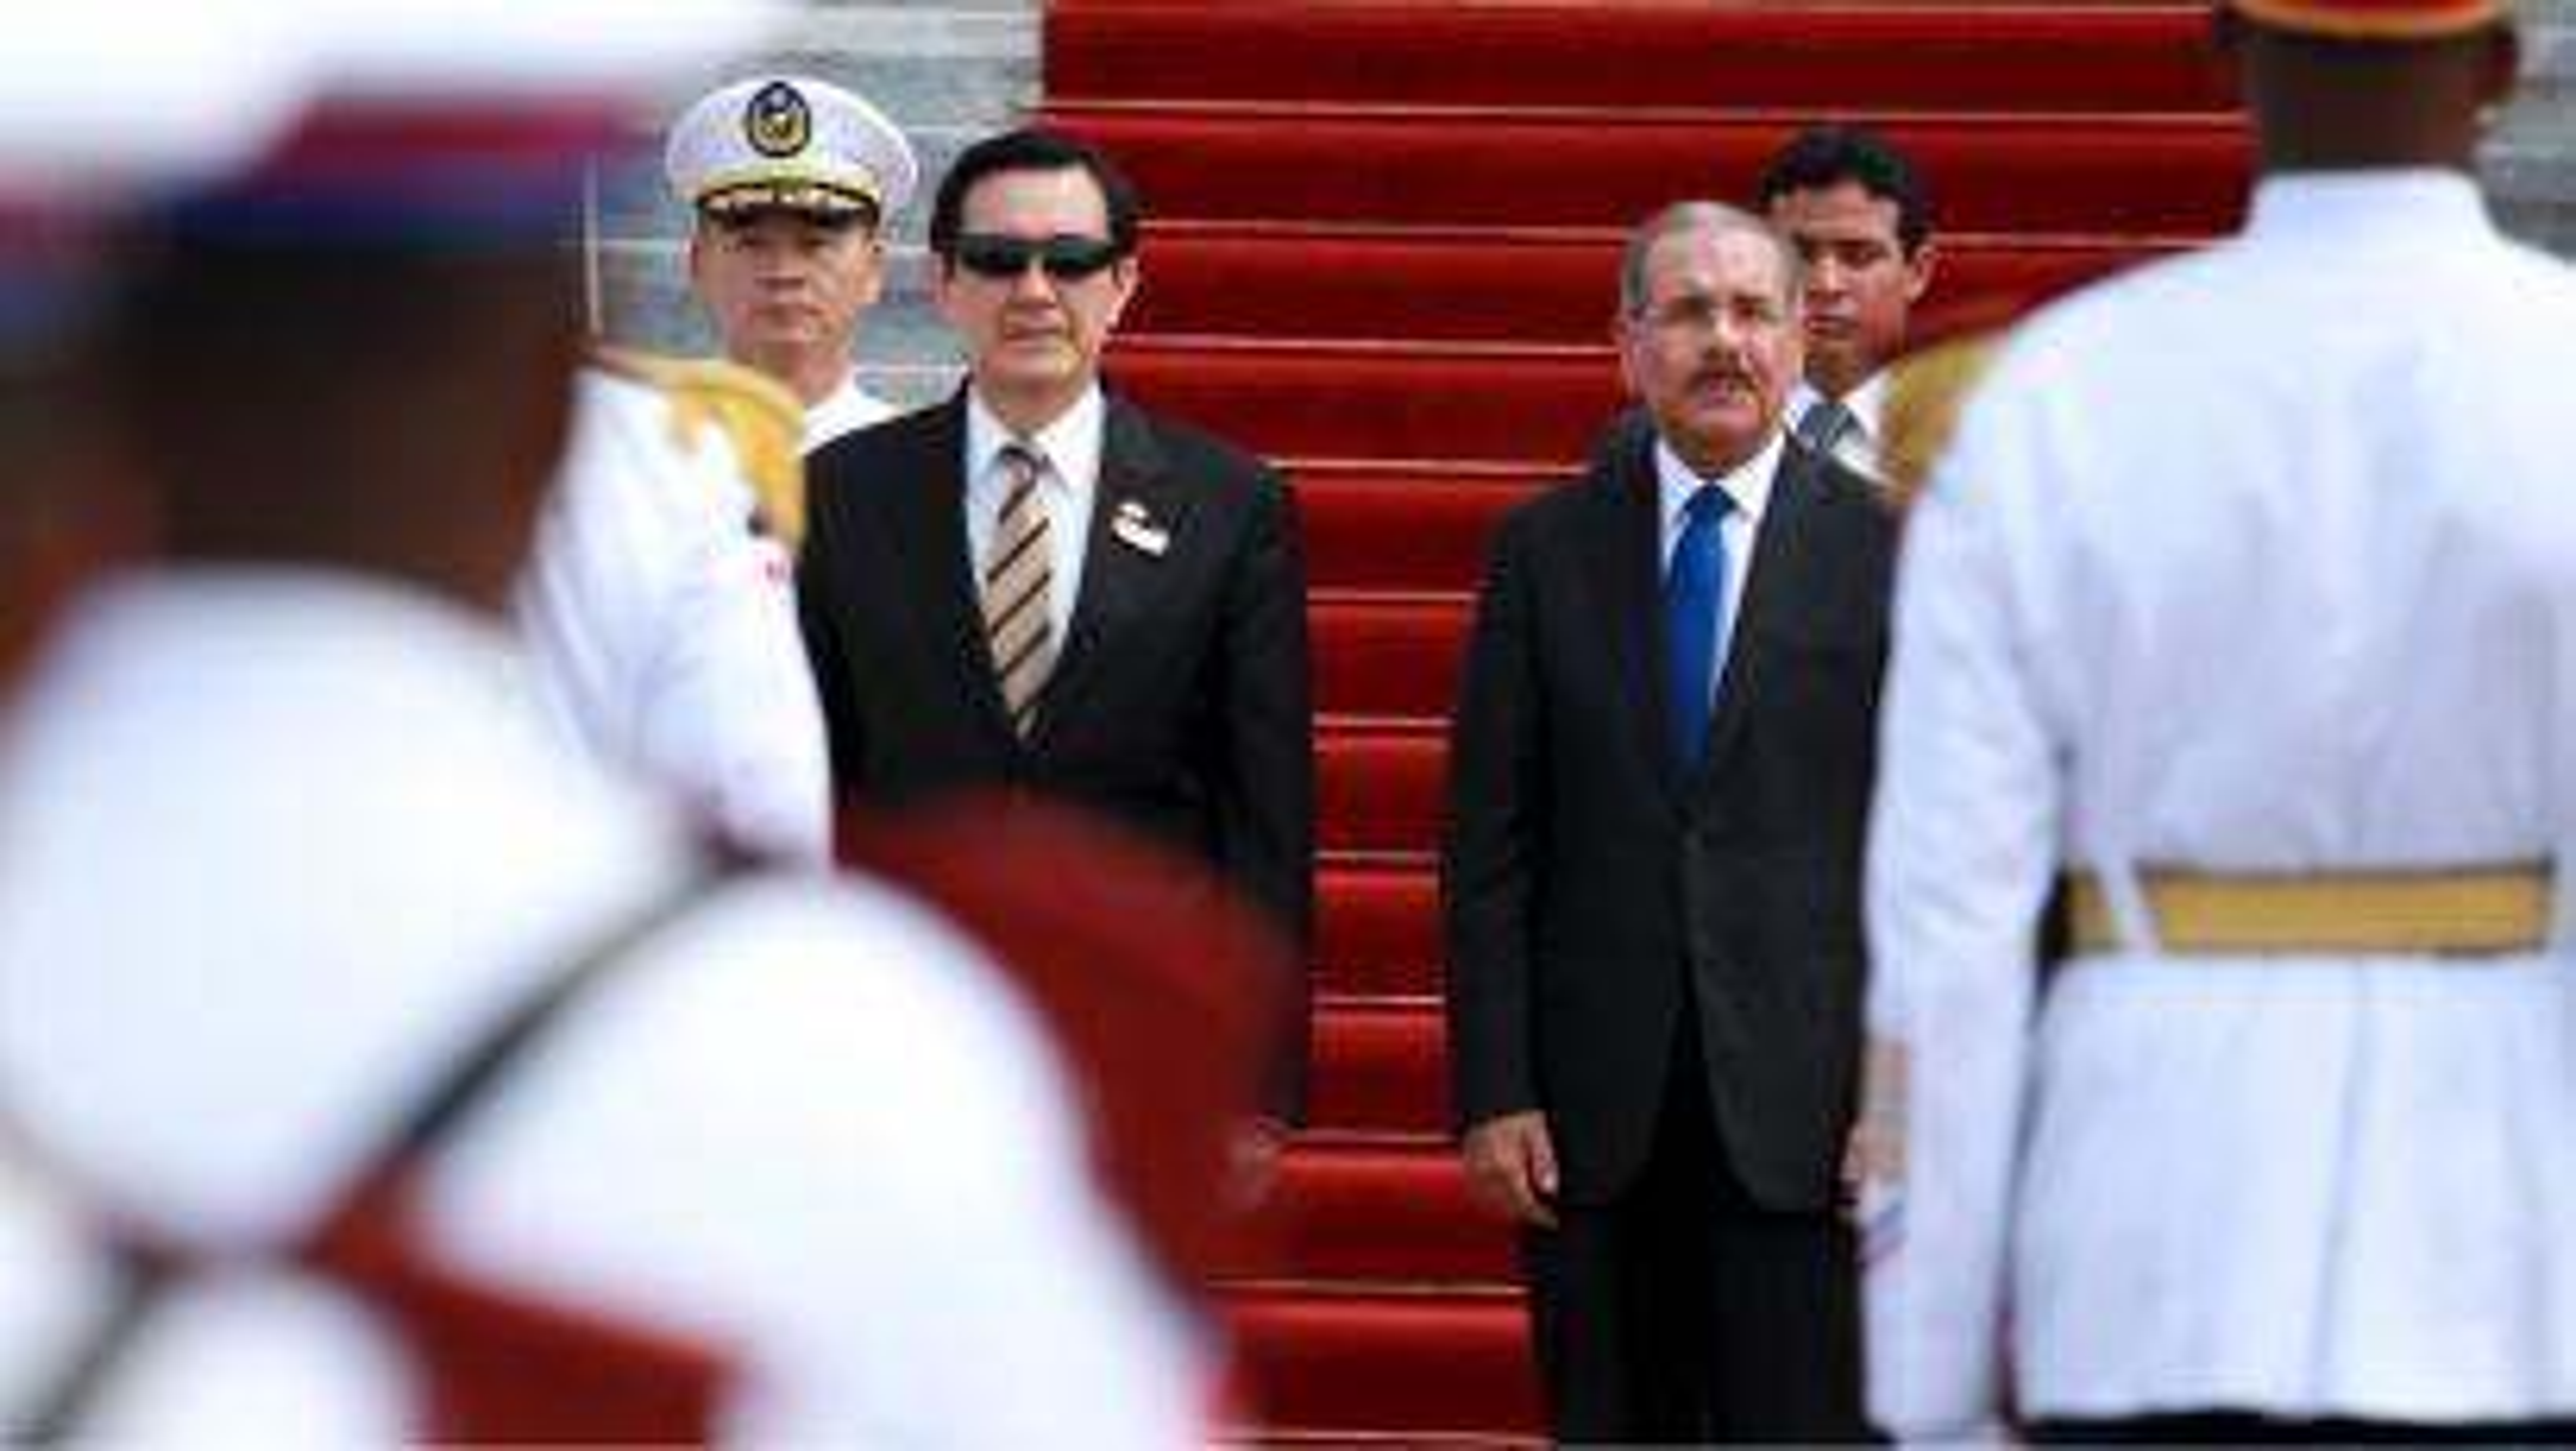 Taiwan at below 20 diplomatic allies as China snags